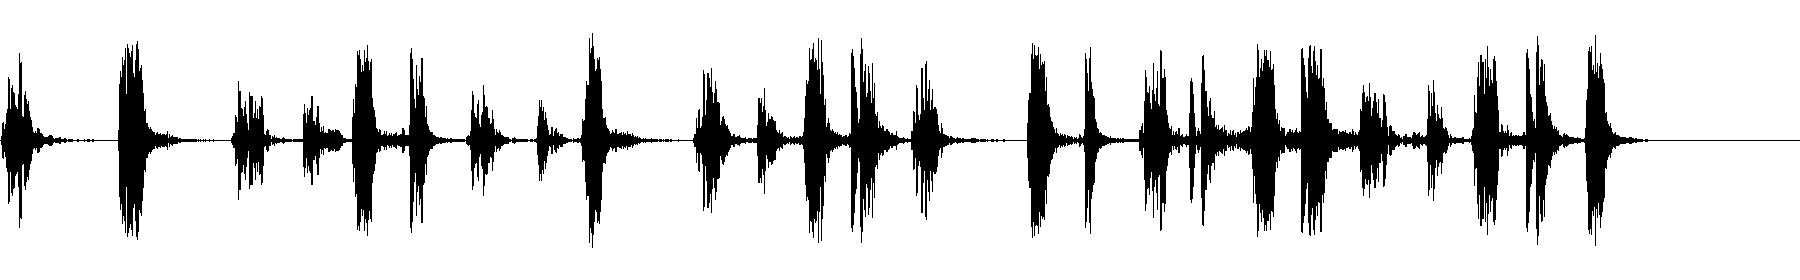 guitarfunk06 130